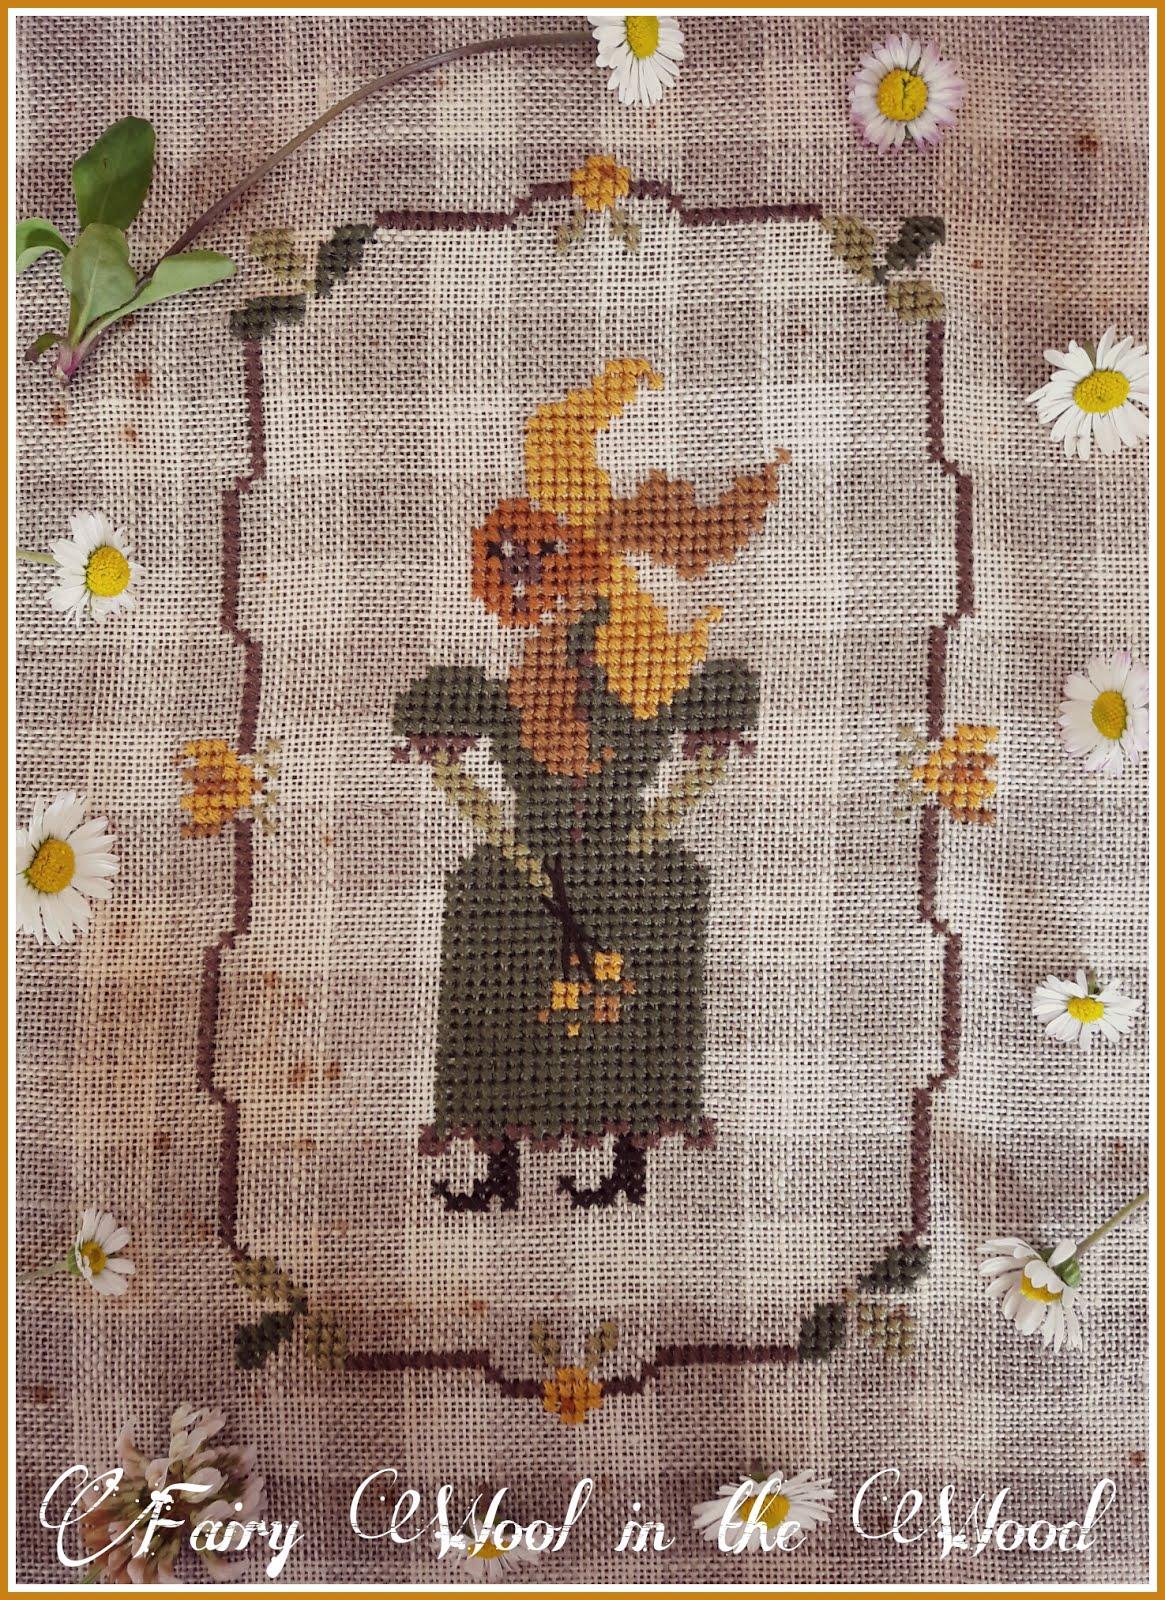 Lady Daffodil